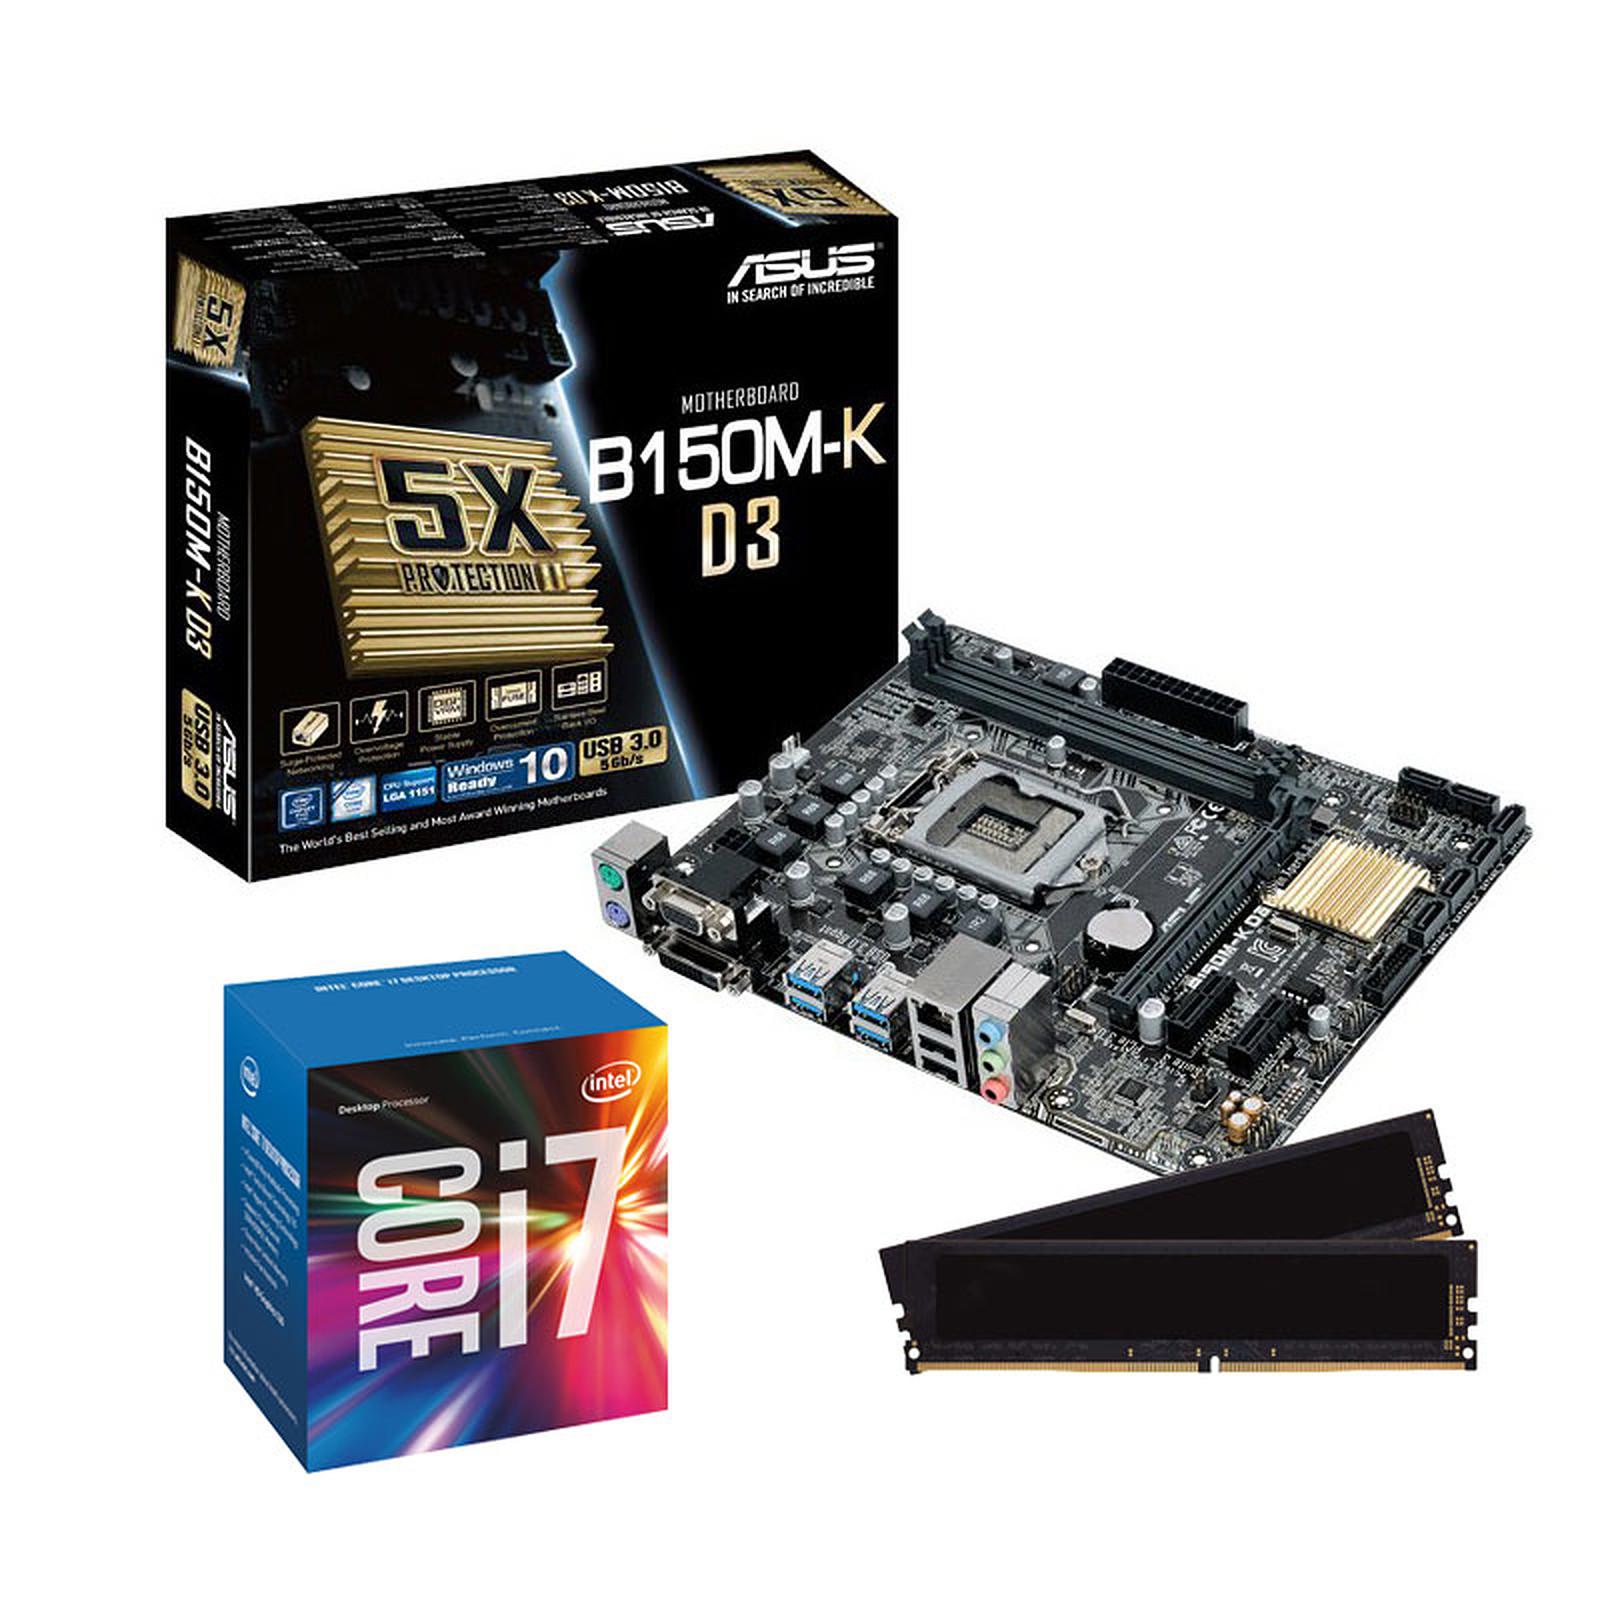 Kit Upgrade PC Core i7 ASUS B150M-K 8 Go